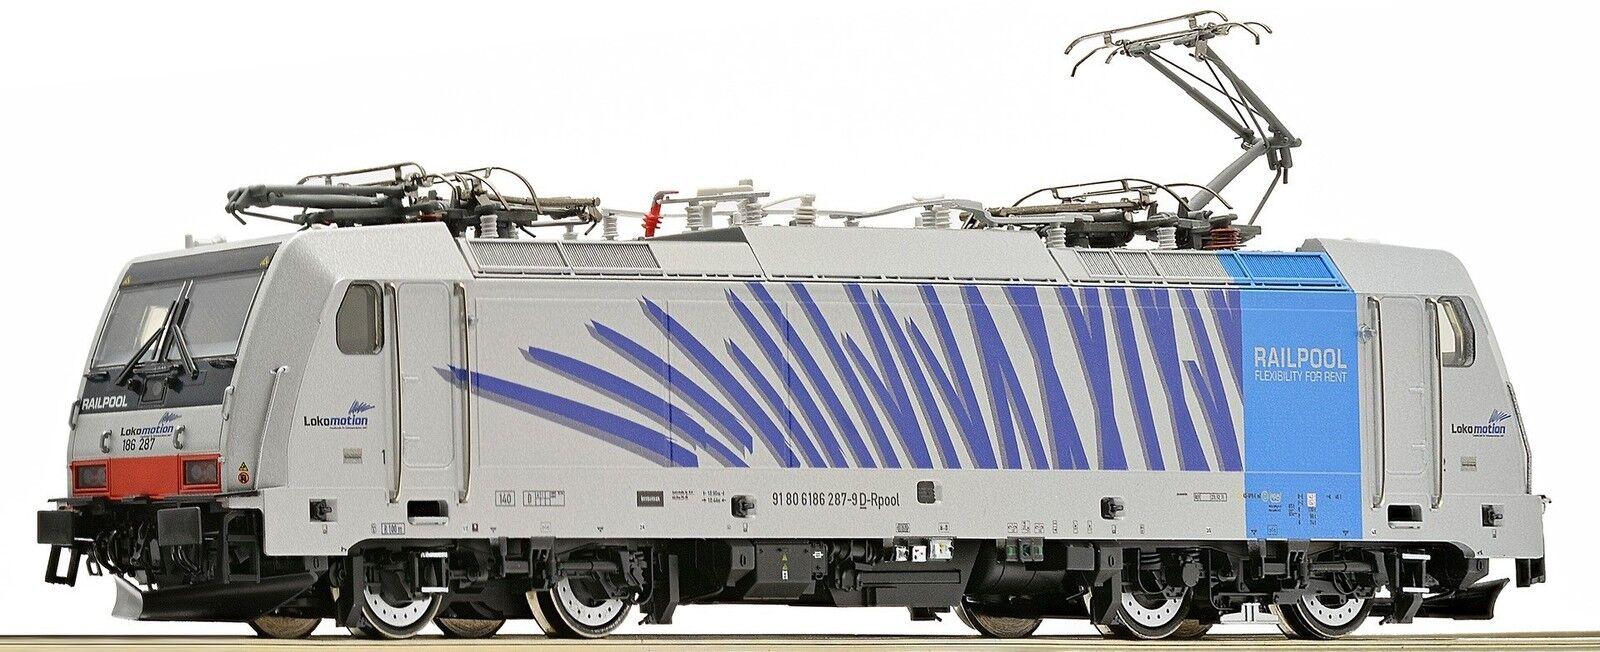 ROCO 79654, elok serie siano 186, RAILPOOL  Zebra , AC, Nuovo, Confezione Originale